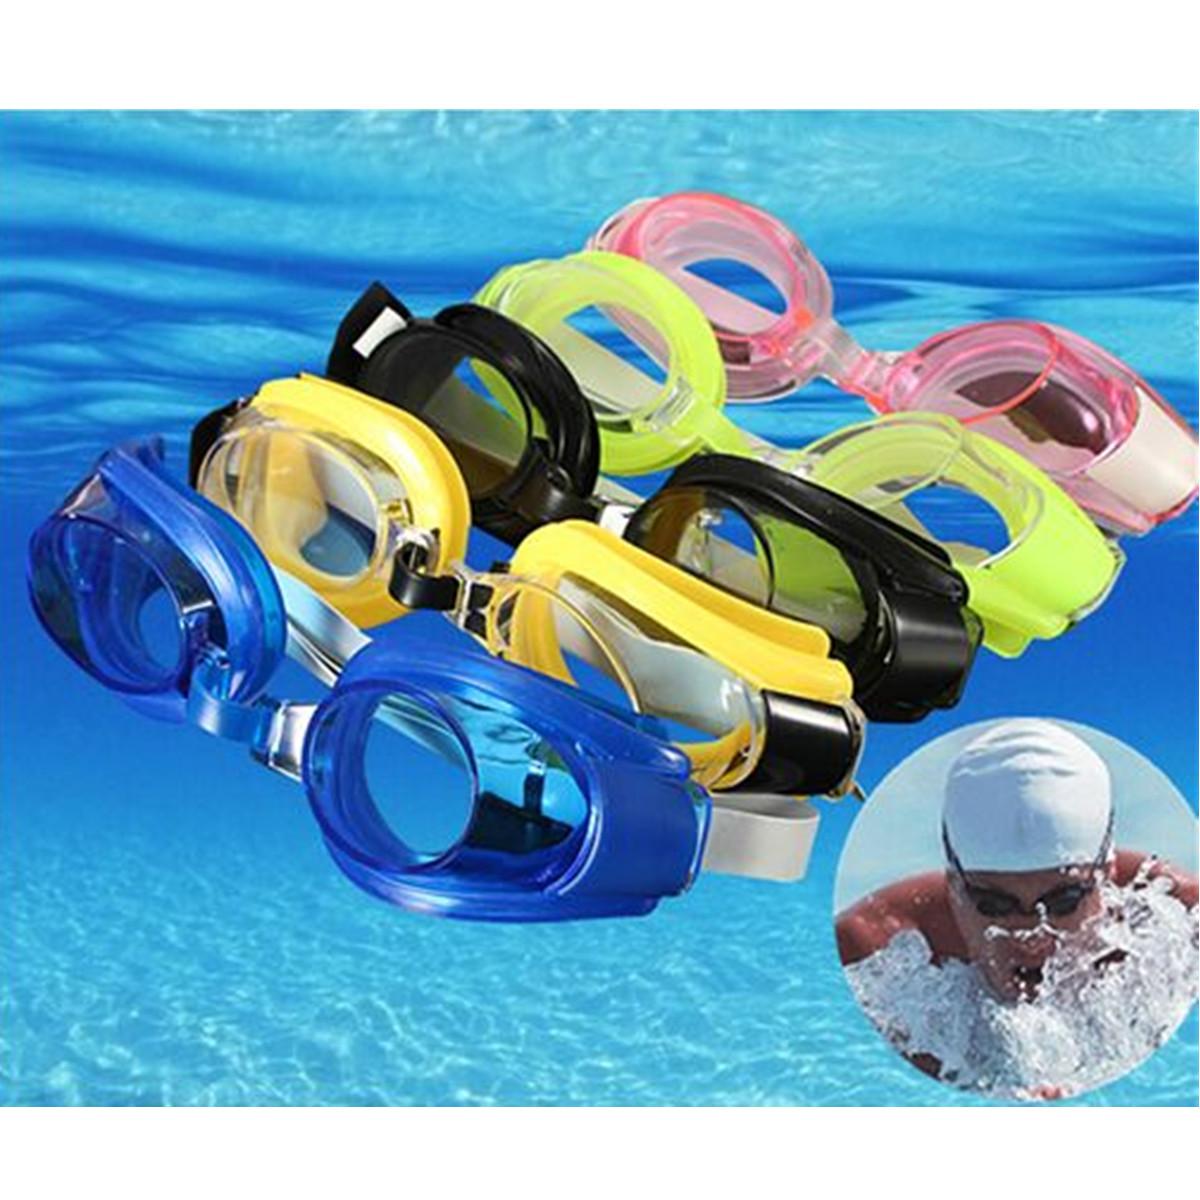 Piscine goggles uv lunette natation plong e adulte bouchon for Bouchons oreilles piscine